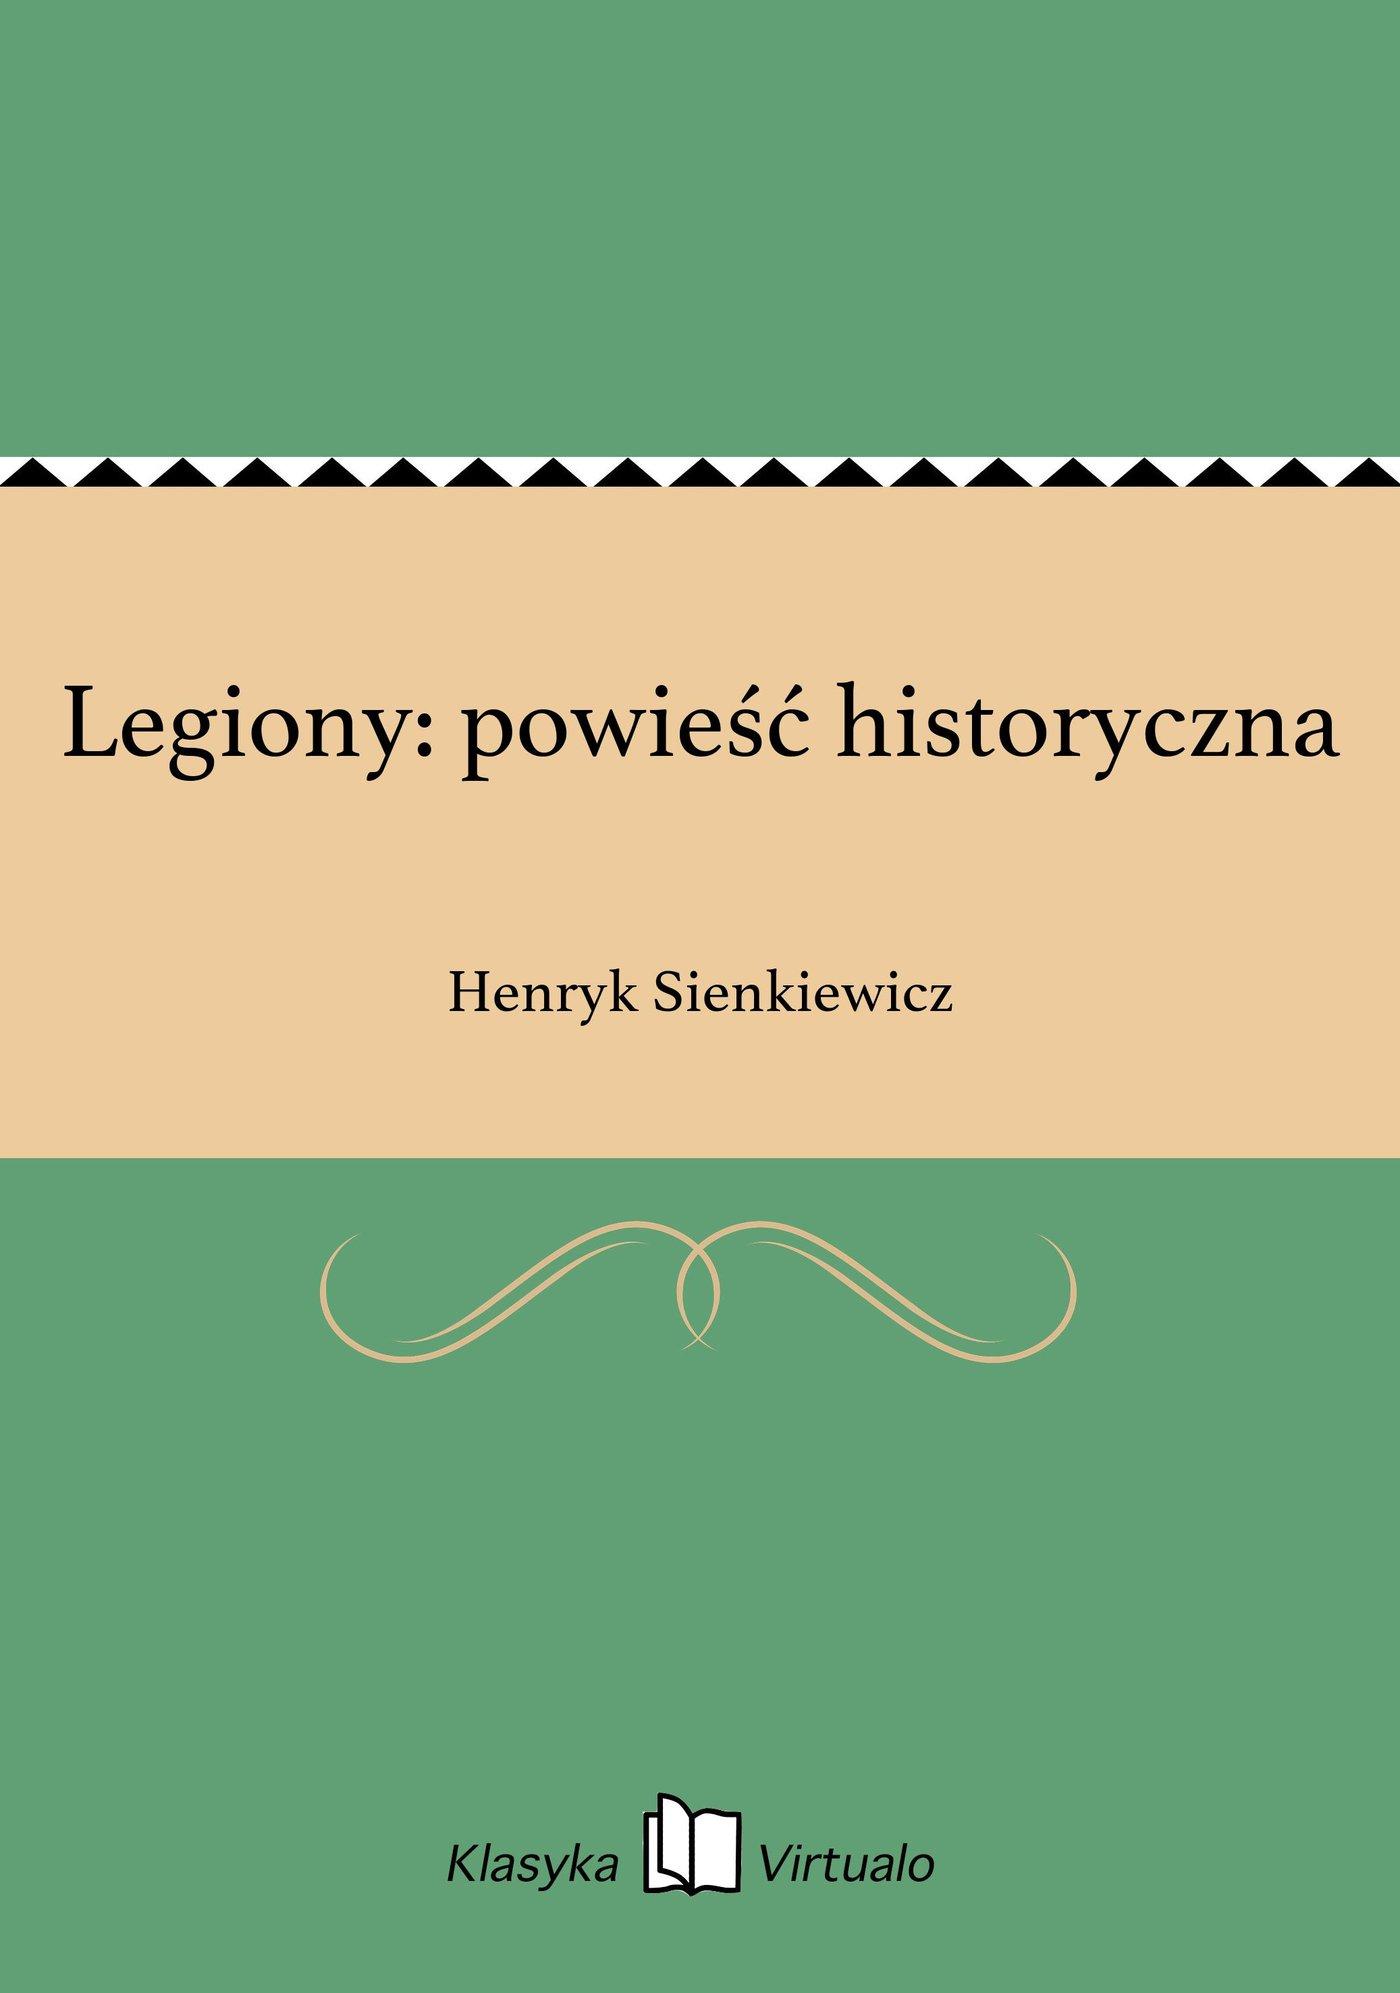 Legiony: powieść historyczna - Ebook (Książka EPUB) do pobrania w formacie EPUB